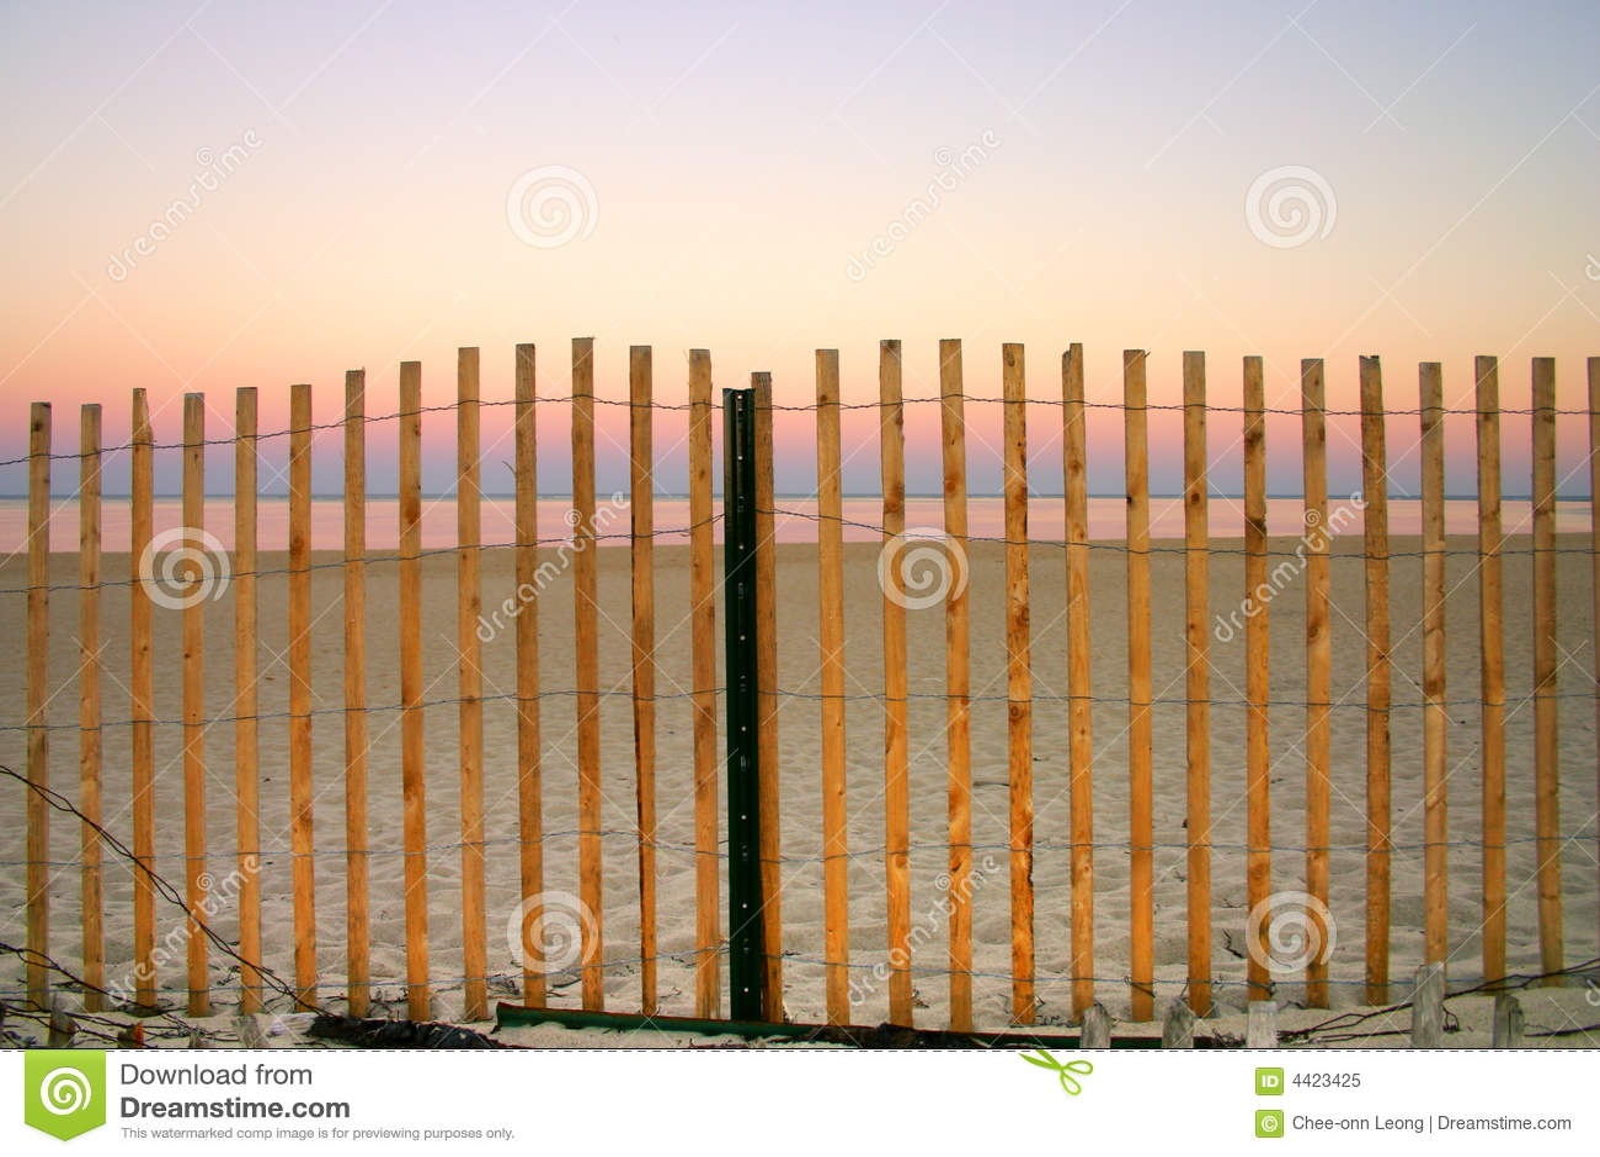 Capo cod massachusetts immagine stock immagine di oceano for Capo artigiano cod